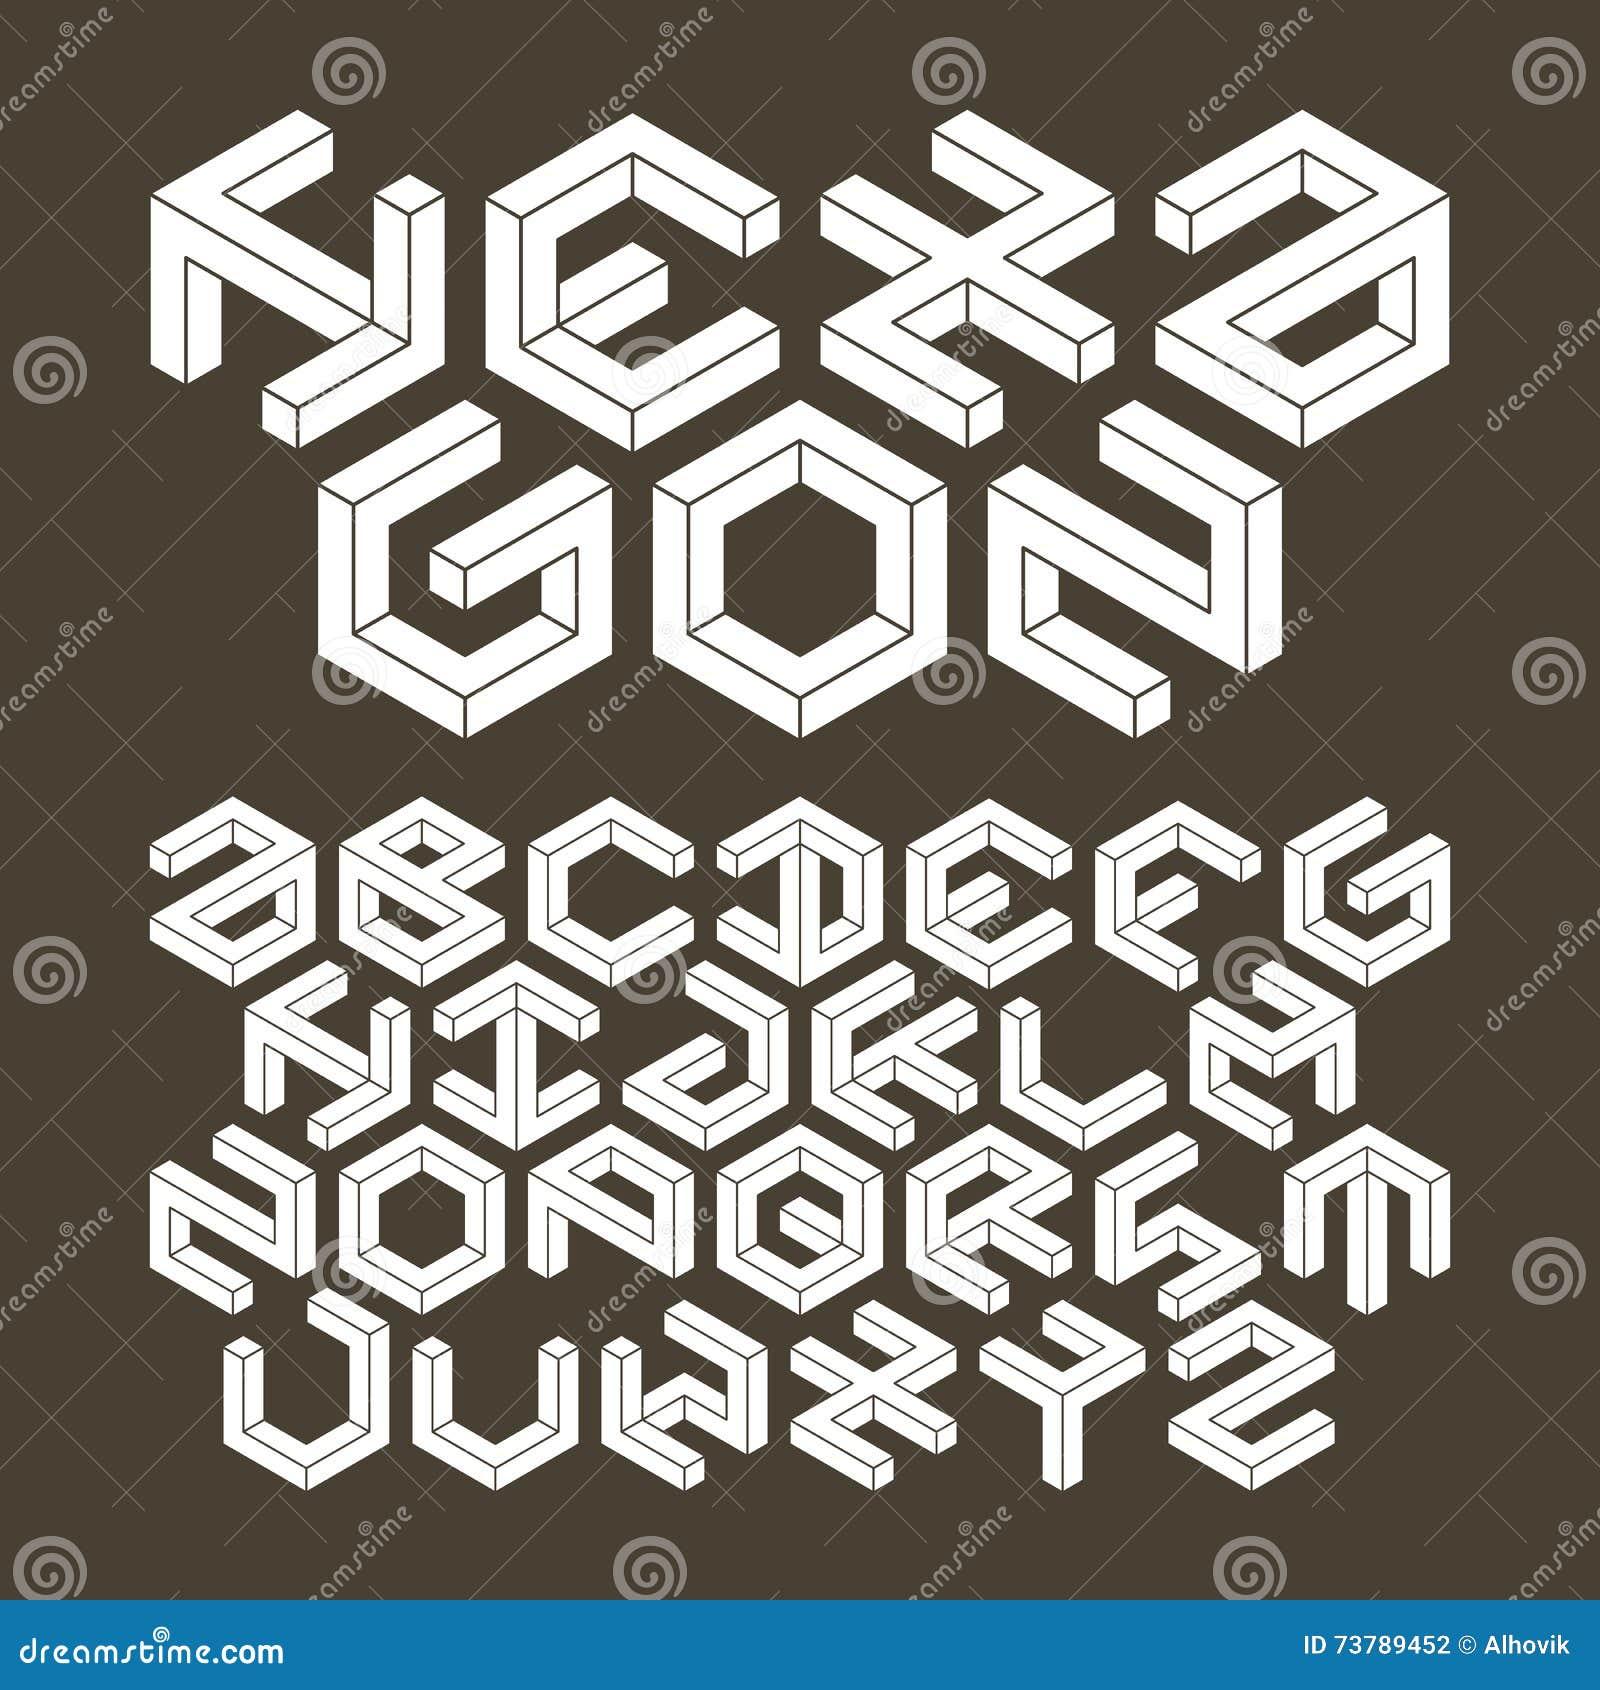 Hexagon alfabet van onmogelijke vormen wordt gemaakt die